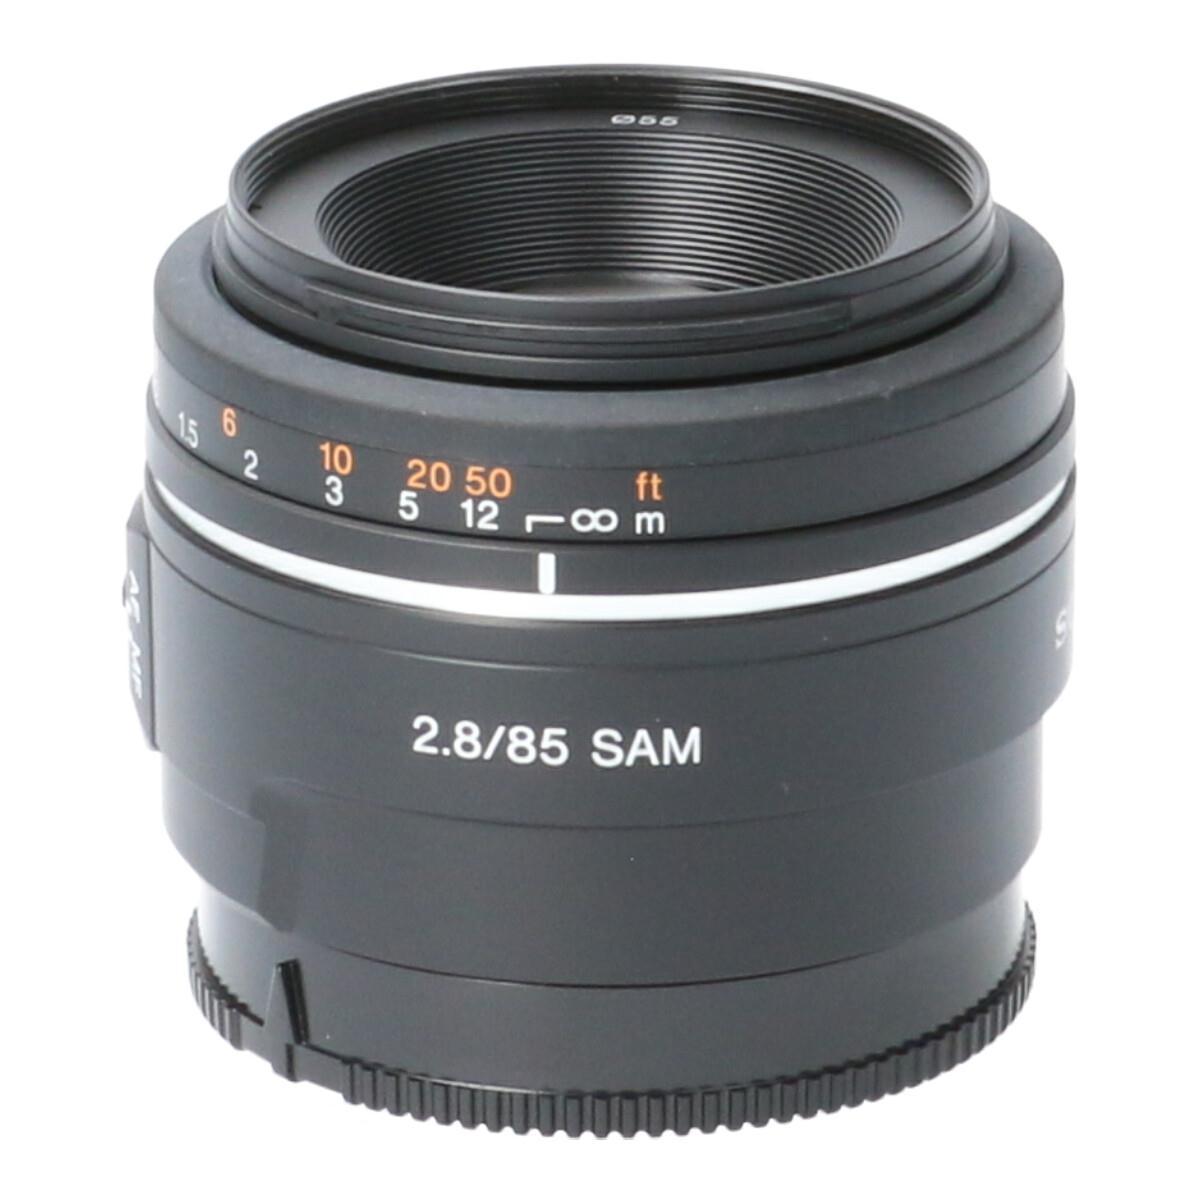 SONY 85mm F2.8SAM(SAL85F28)【中古】